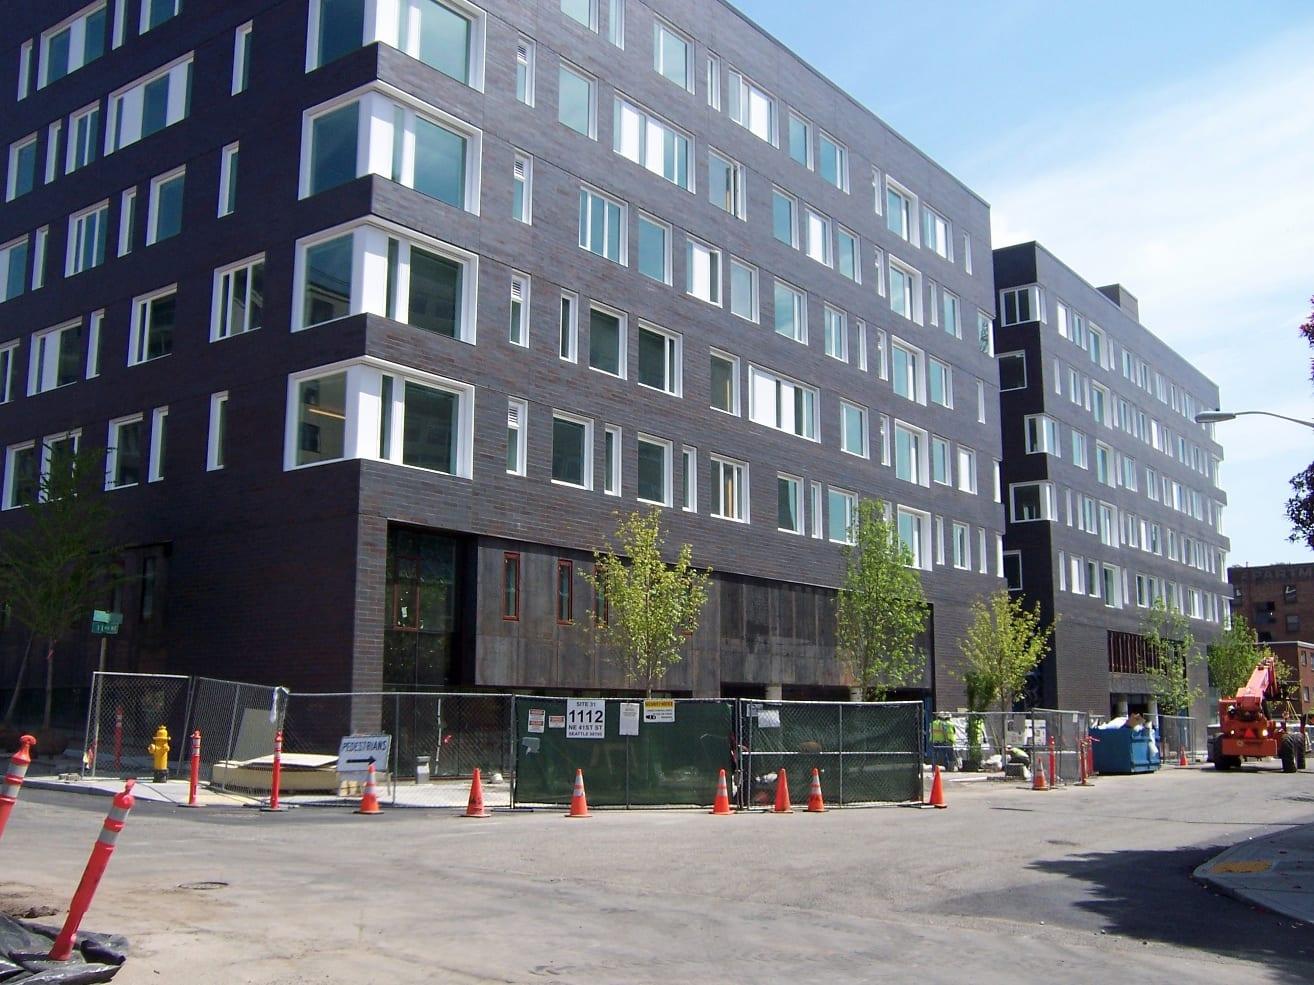 University Of Washington Site 31 Student Housing